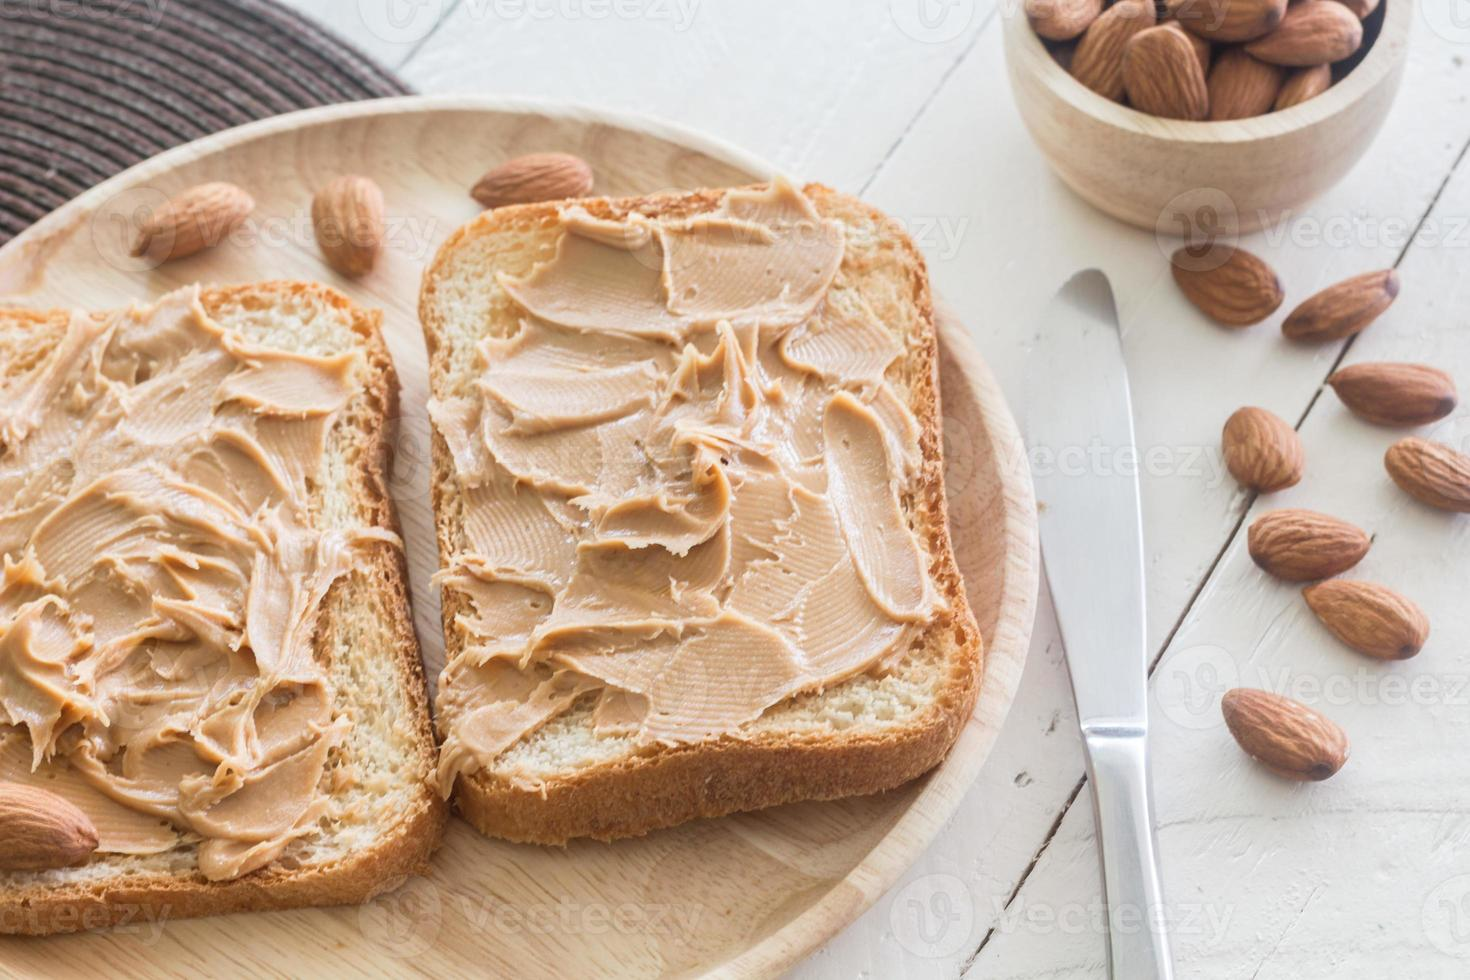 beurre d'arachide sur une plaque en bois avec des noix sur une table en bois photo